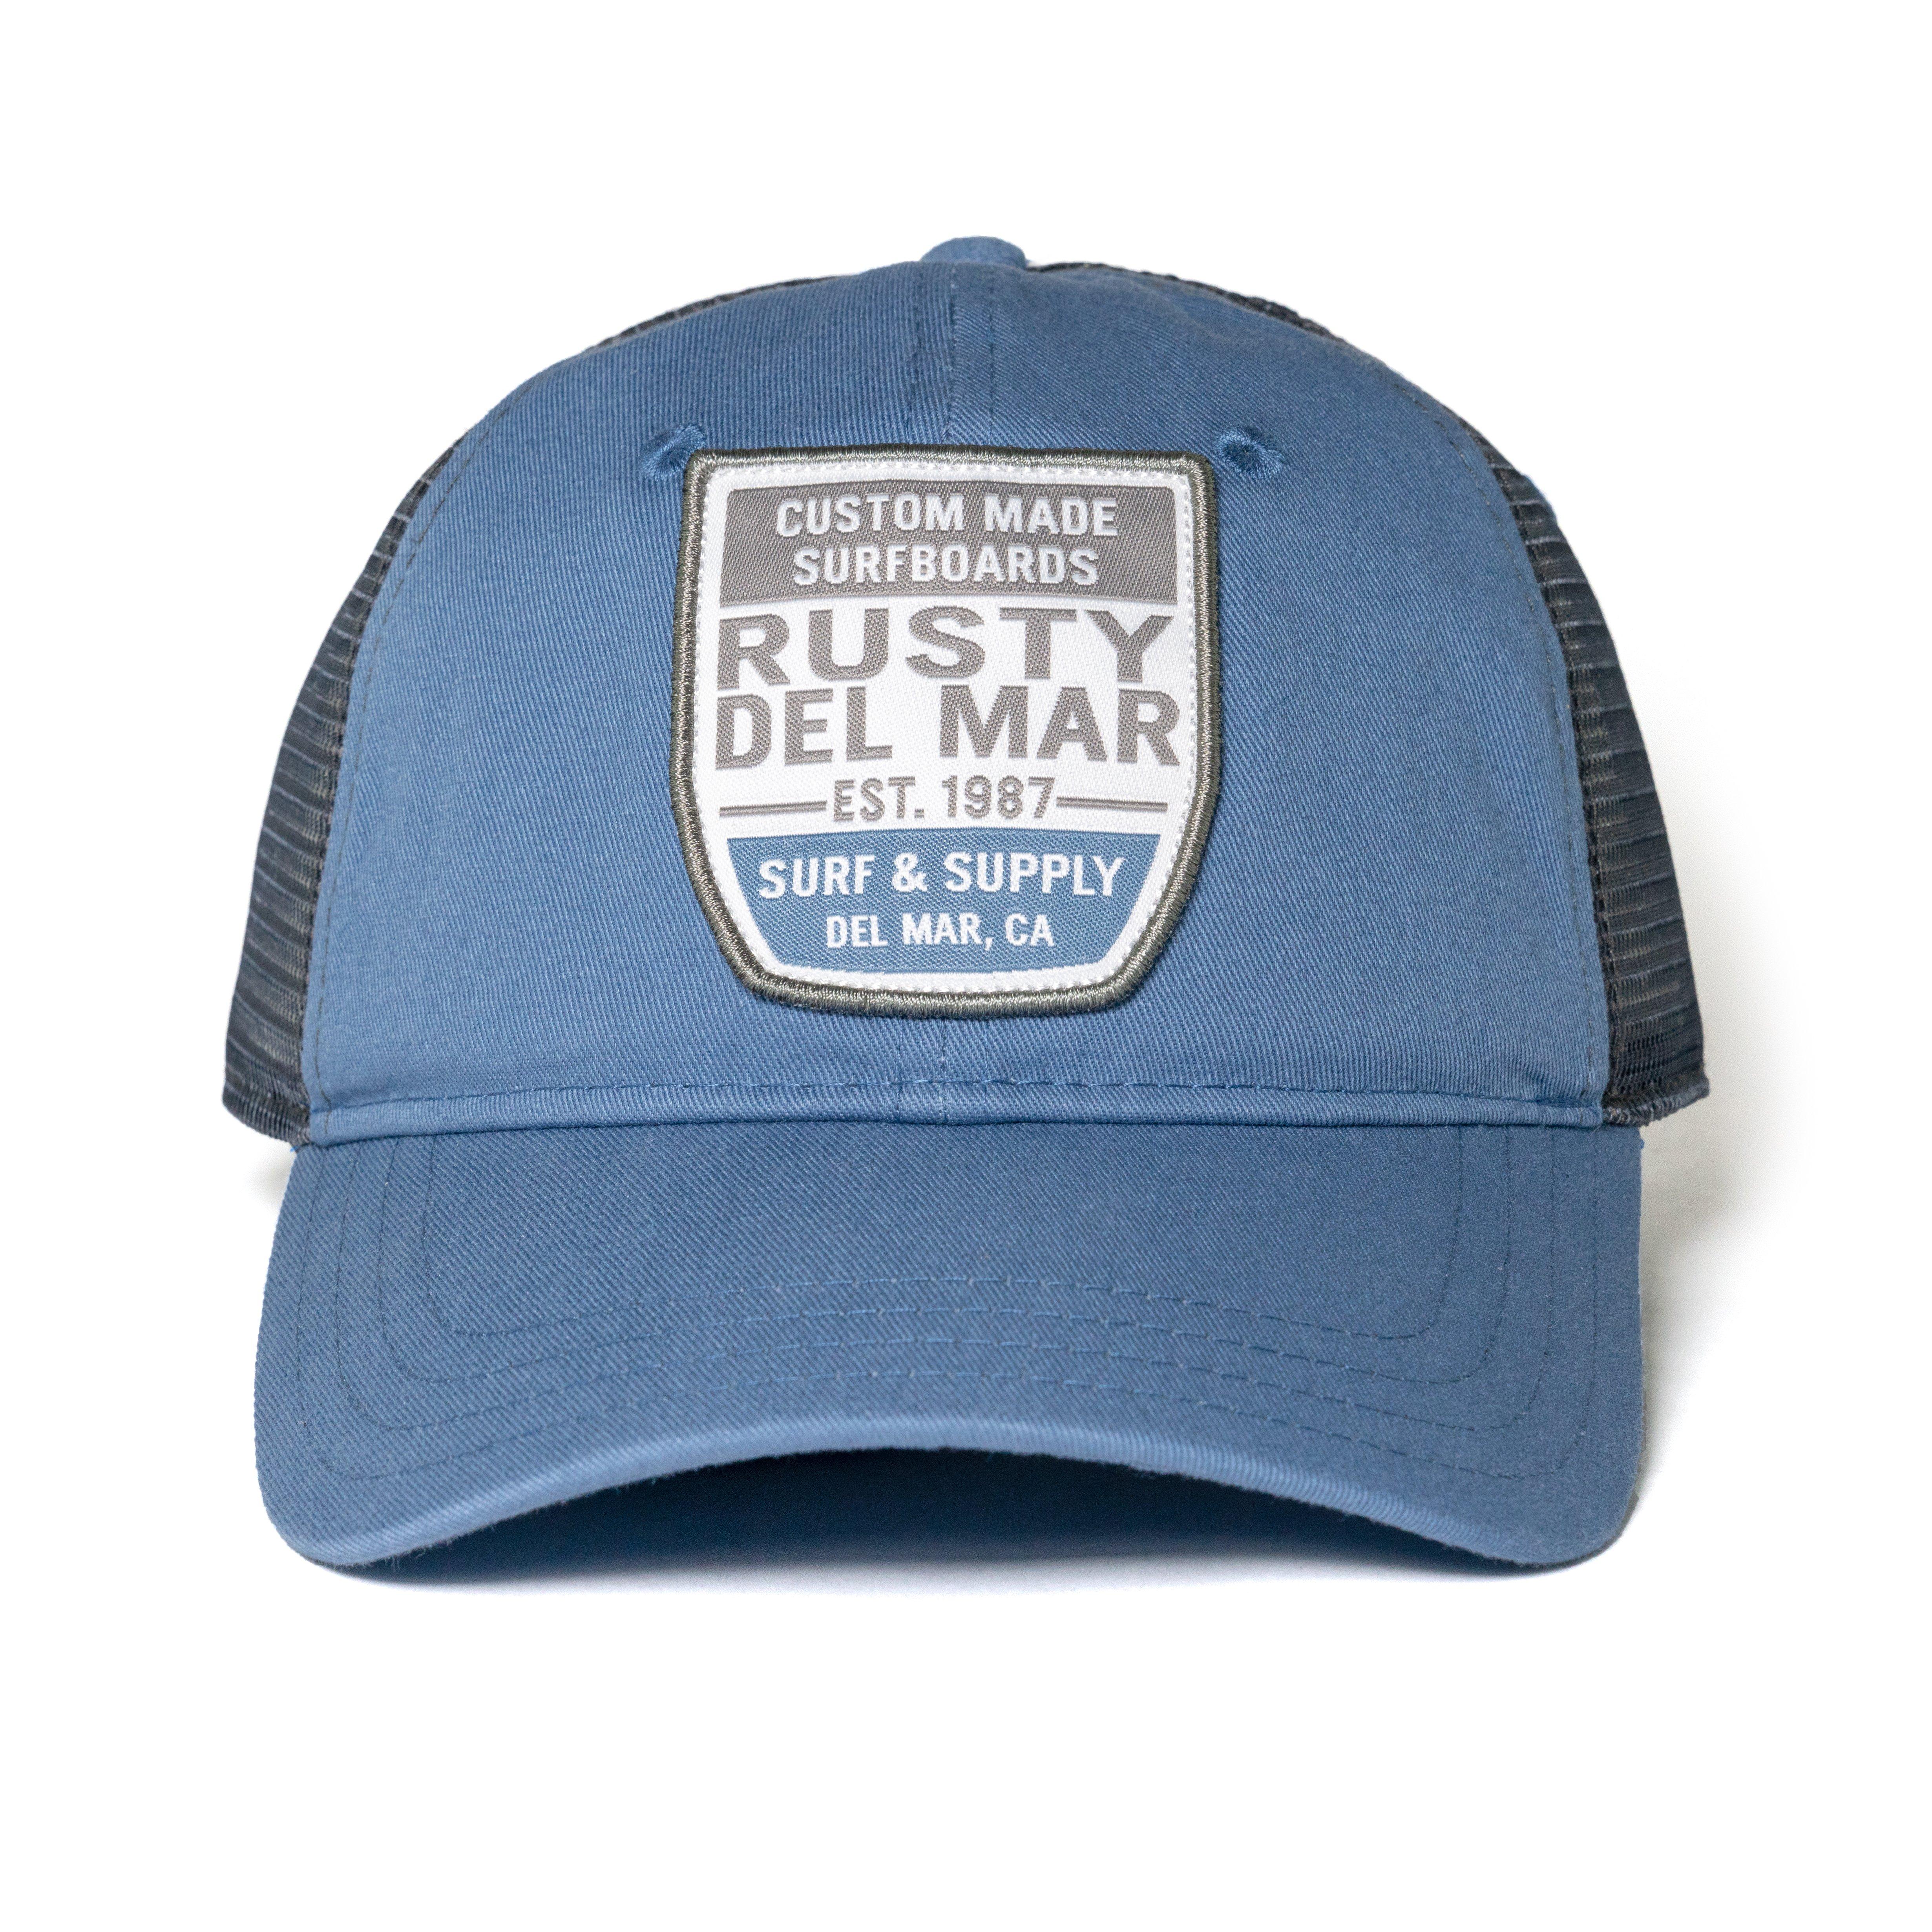 964c7800e10 Hats - Rusty Del Mar